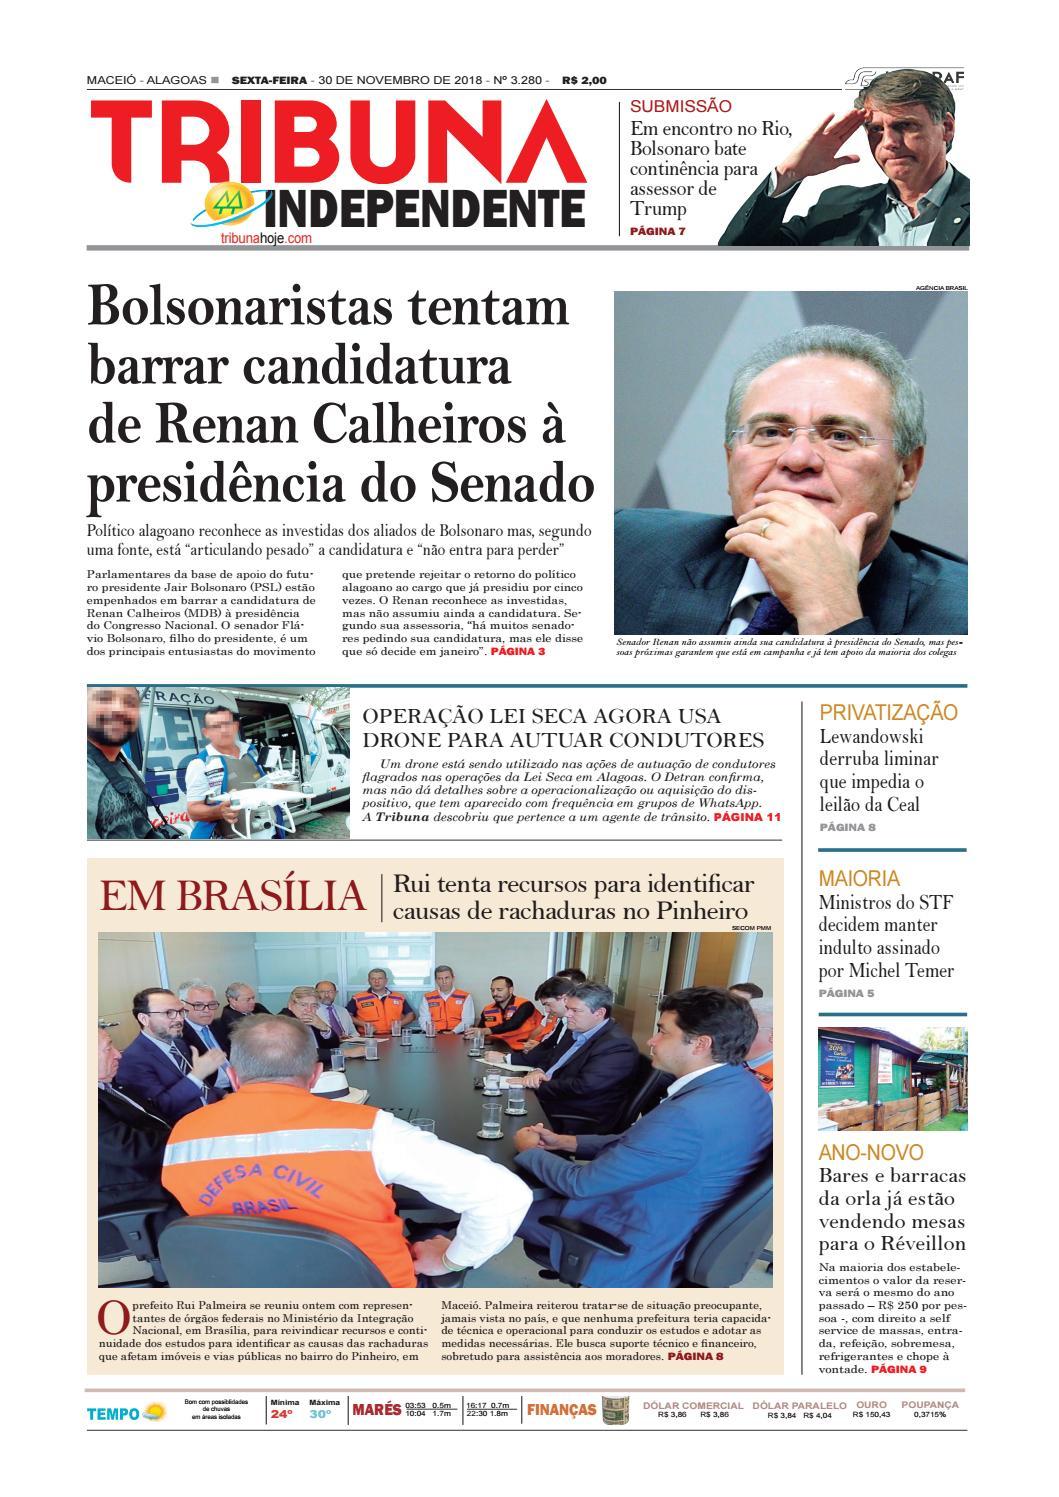 d2fae62af1 Edição número 3280 - 30 de novembro de 2018 by Tribuna Hoje - issuu